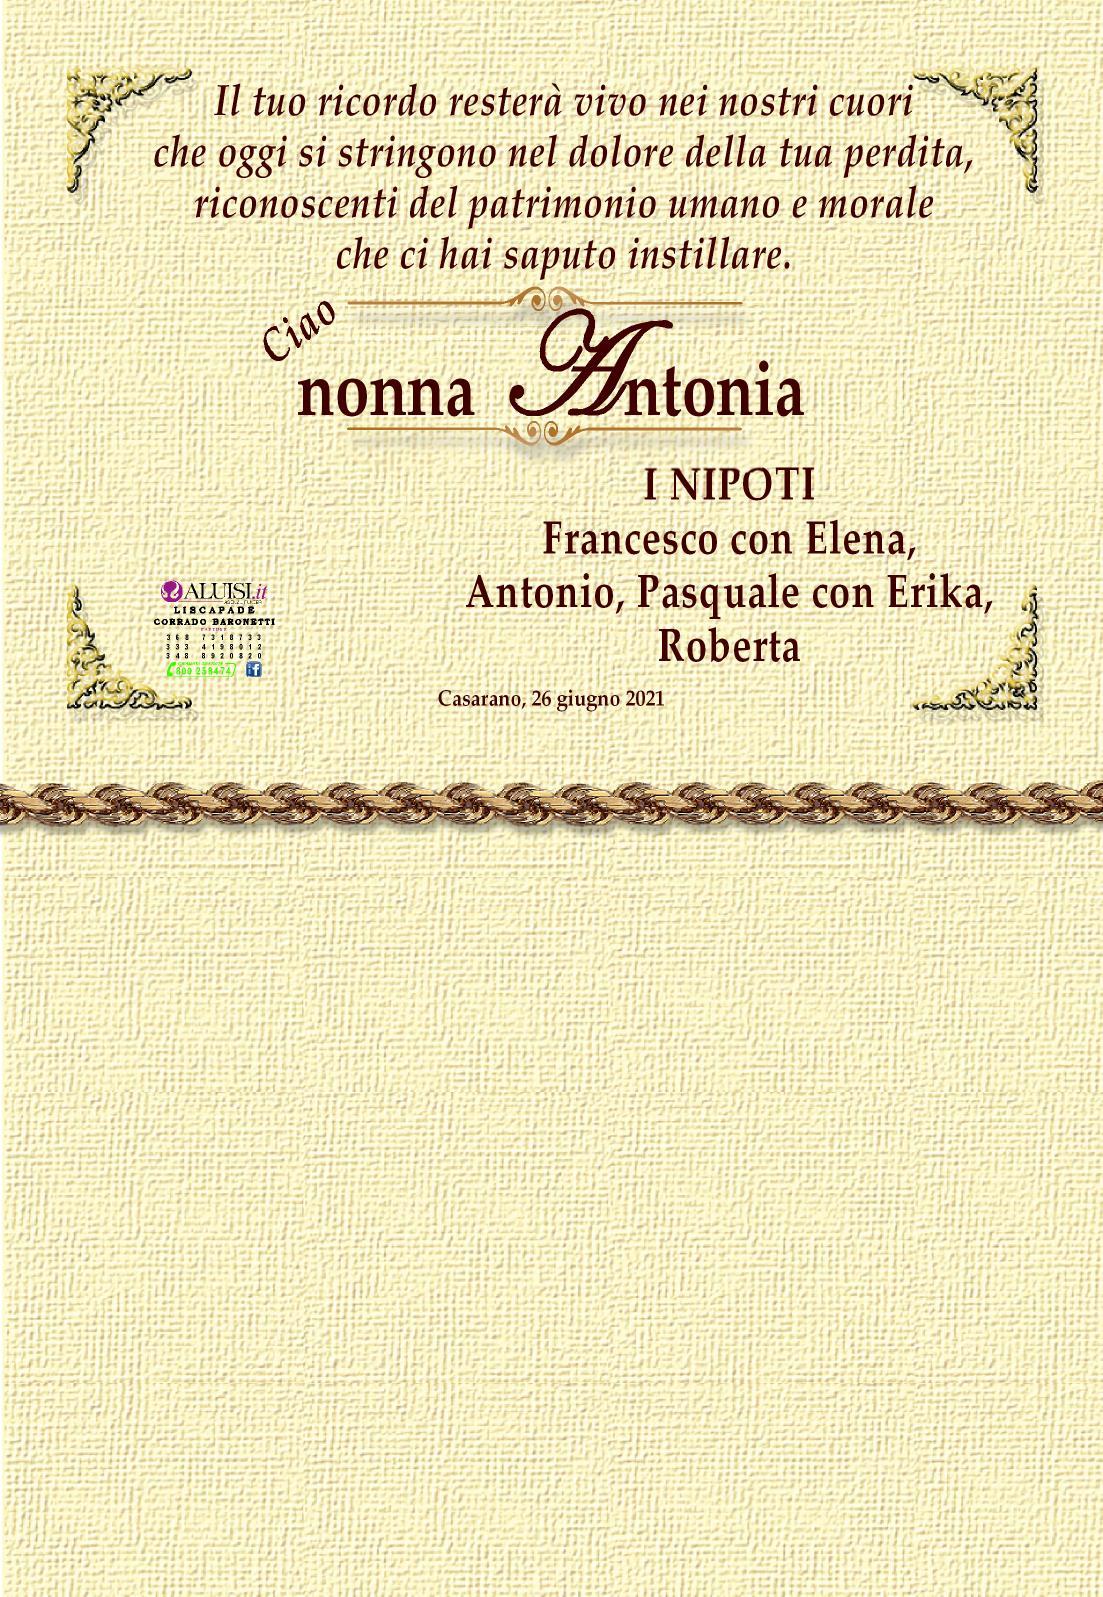 PARTECIPAZIONI-ANTONIA-FOSCOLINI-CASARANO-1.jpg